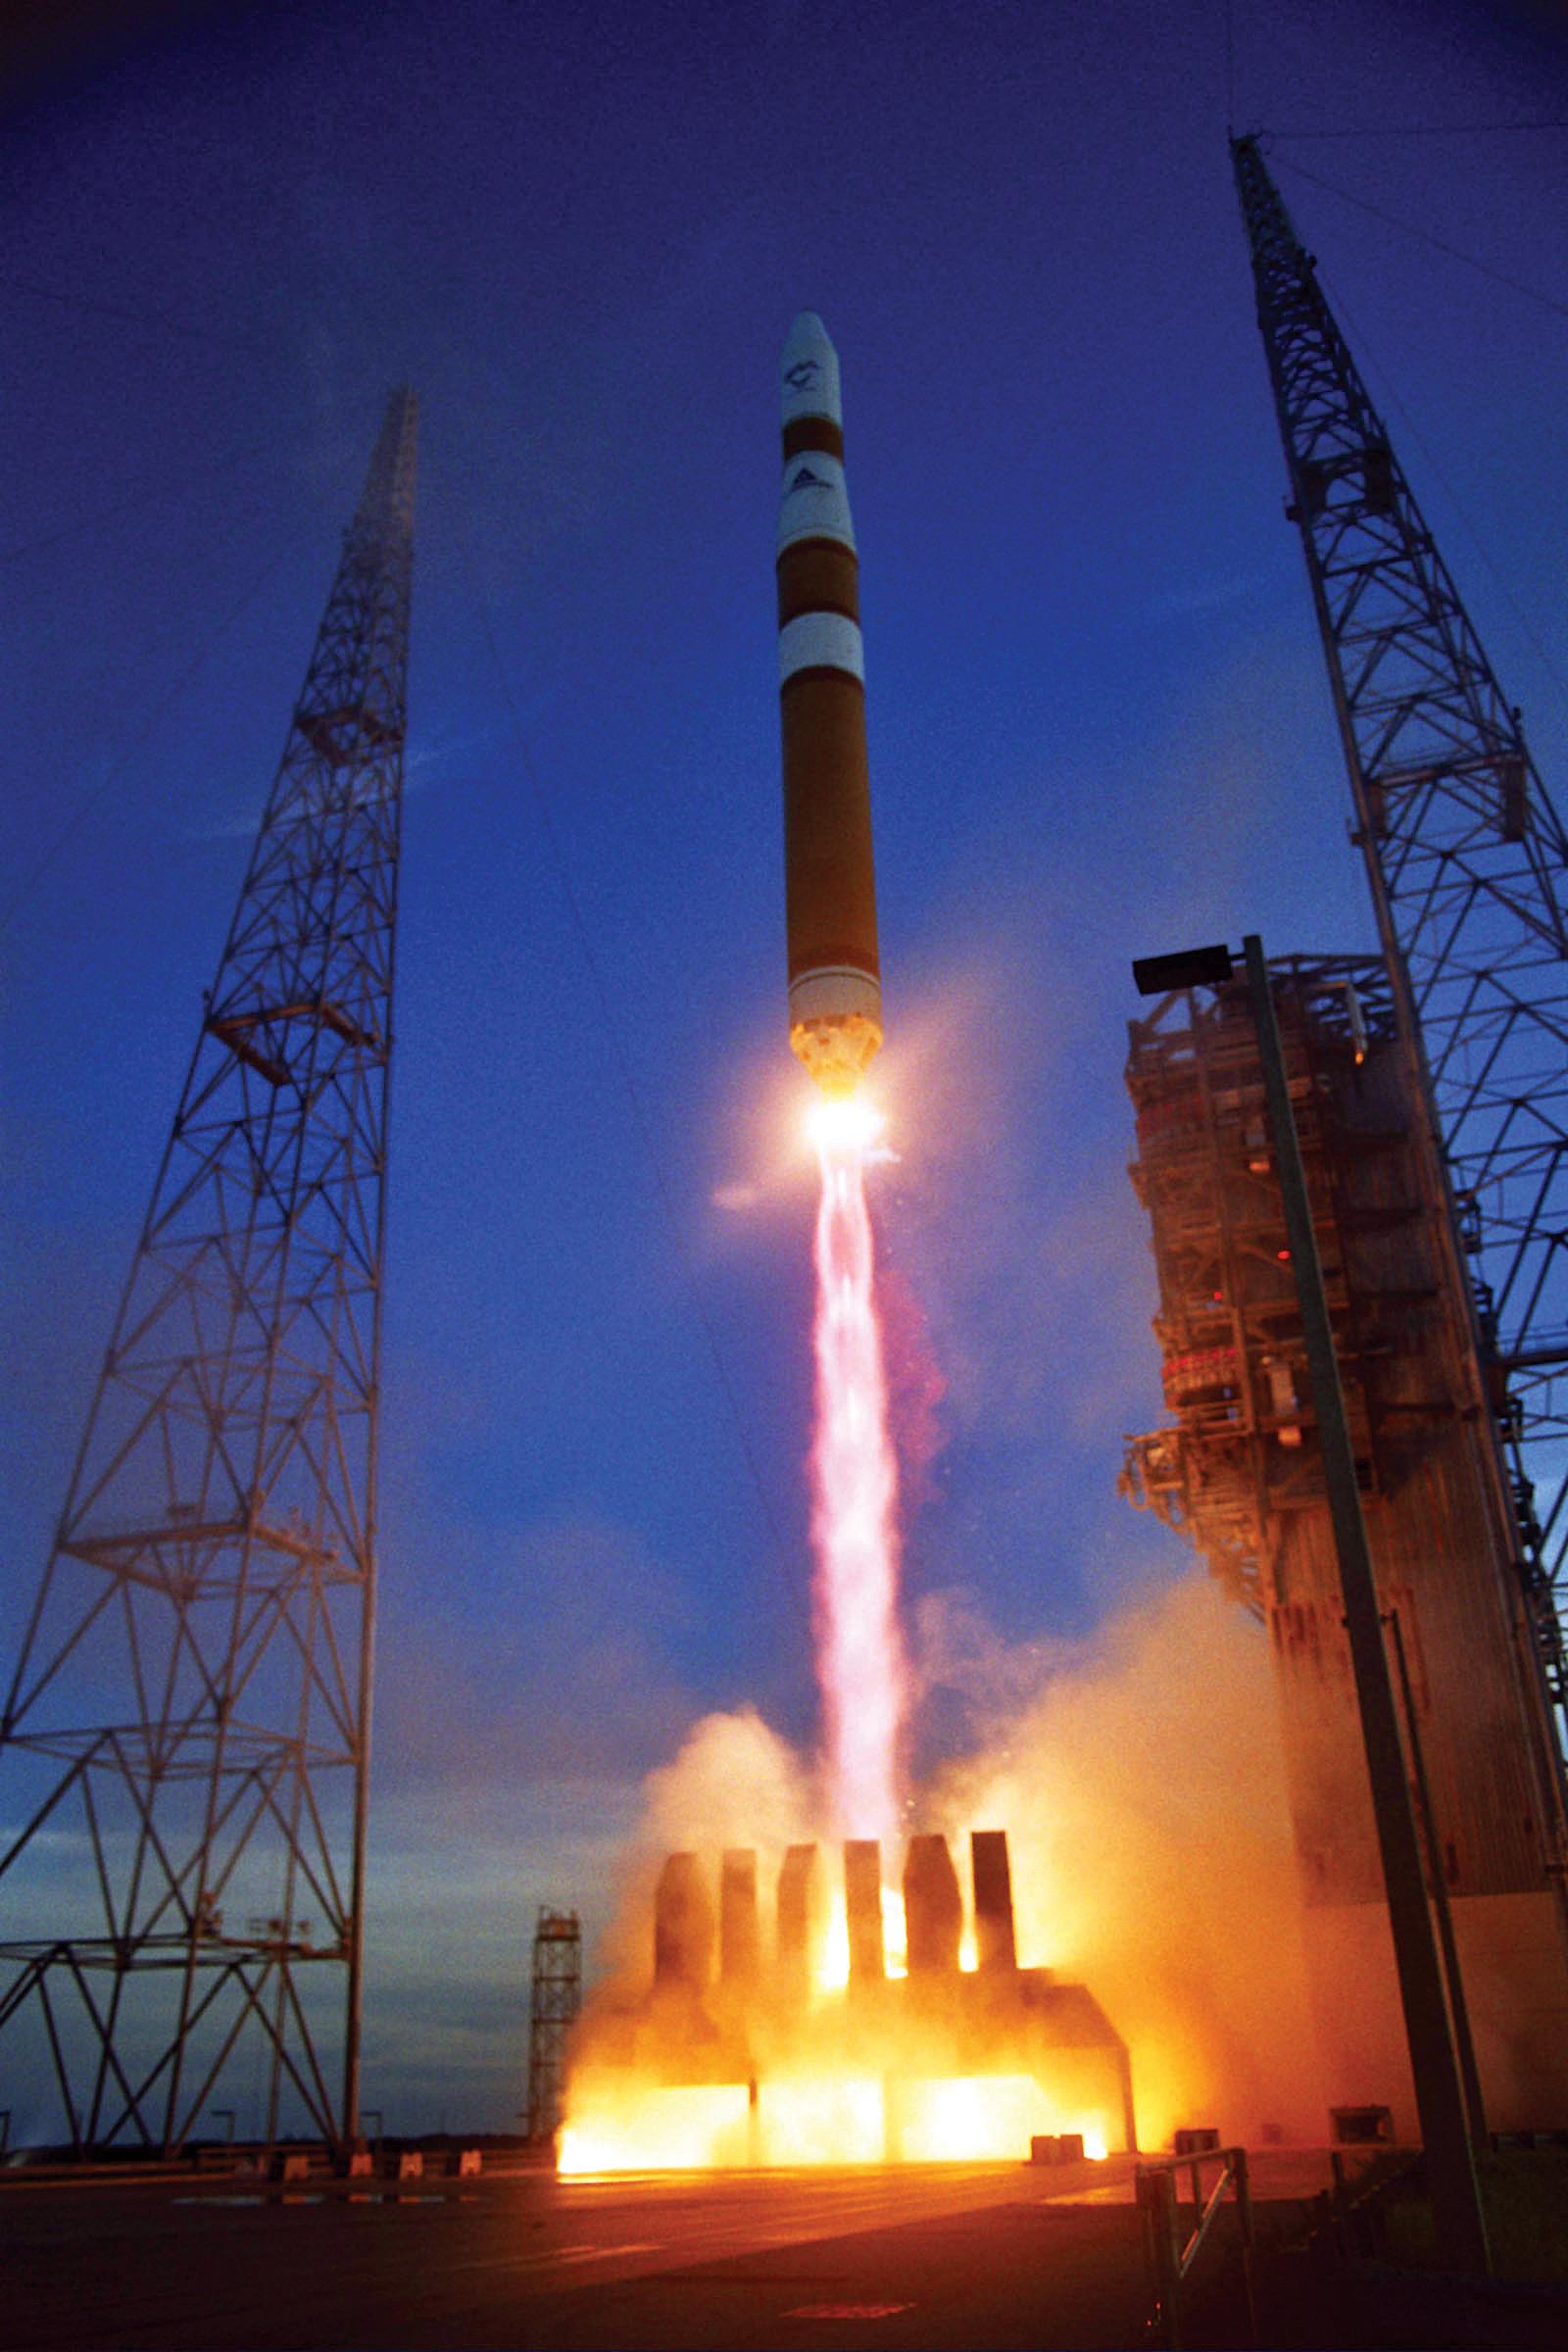 Delta_IV_Medium_Rocket_DSCS.jpg